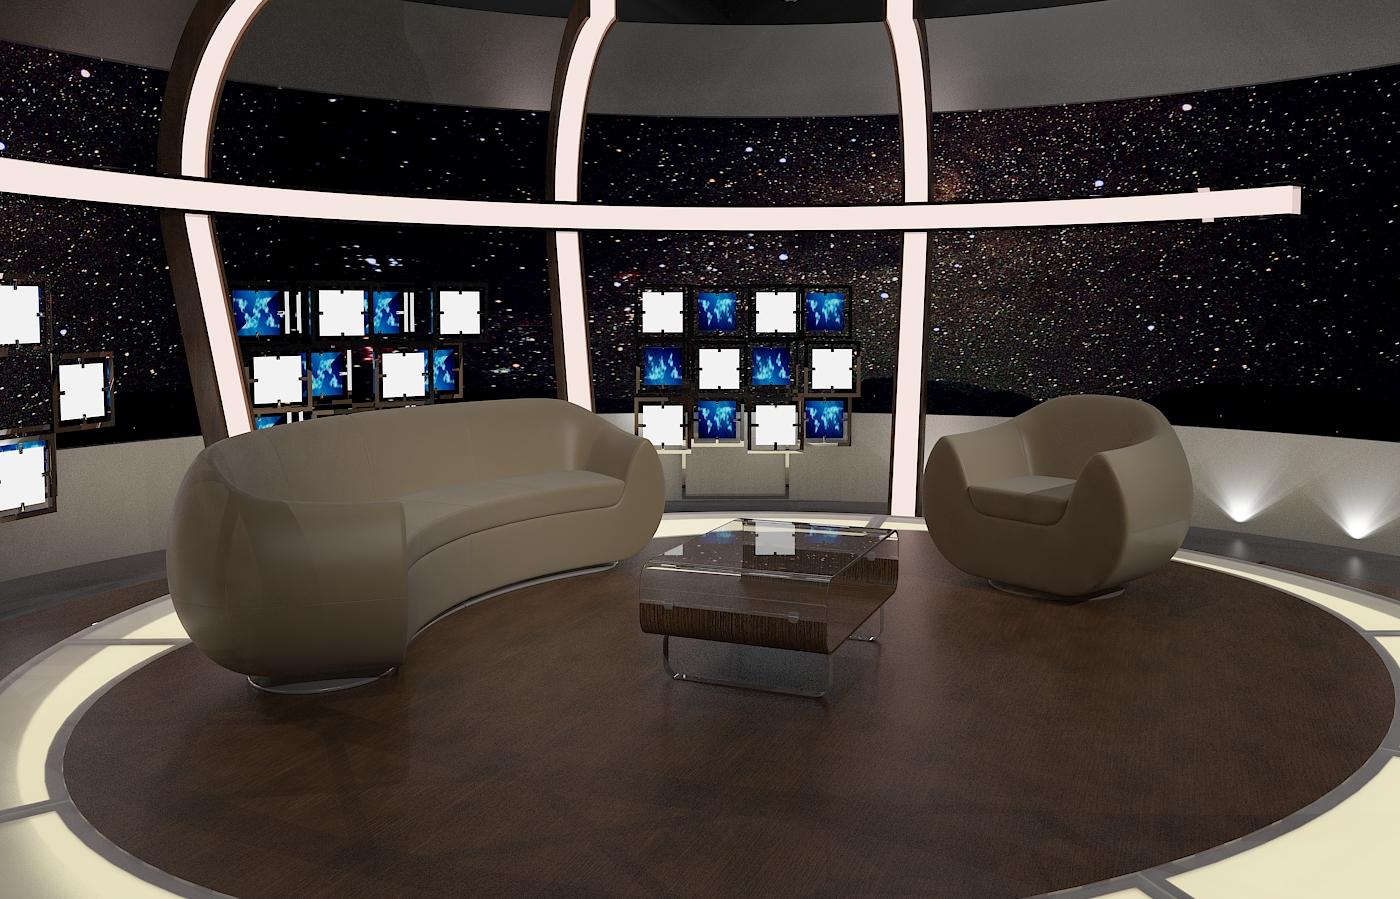 Виртуал ТВ чат 20 3d загвар max dxf fbx obj 207148-ийг тохируулж байна